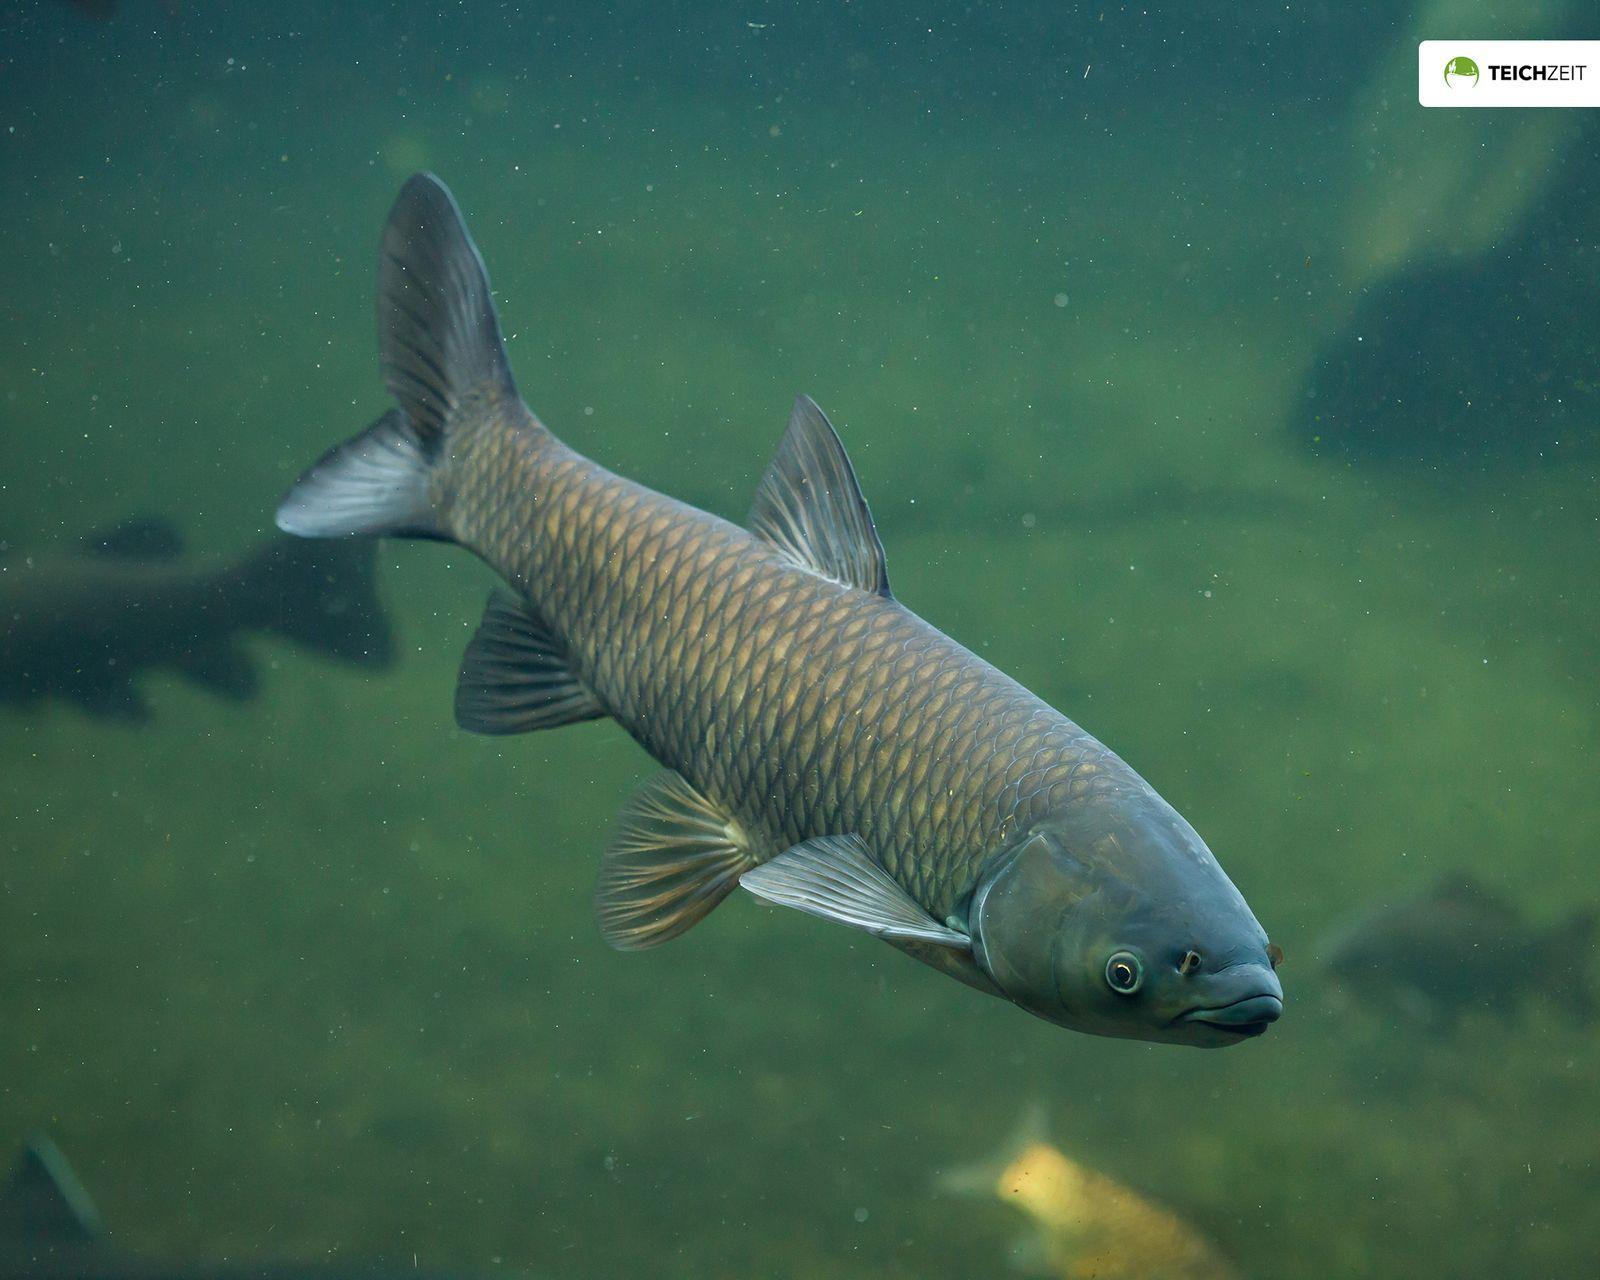 Schwarzkarpfen ctenopharyngodon idella for Teichfische schwarz